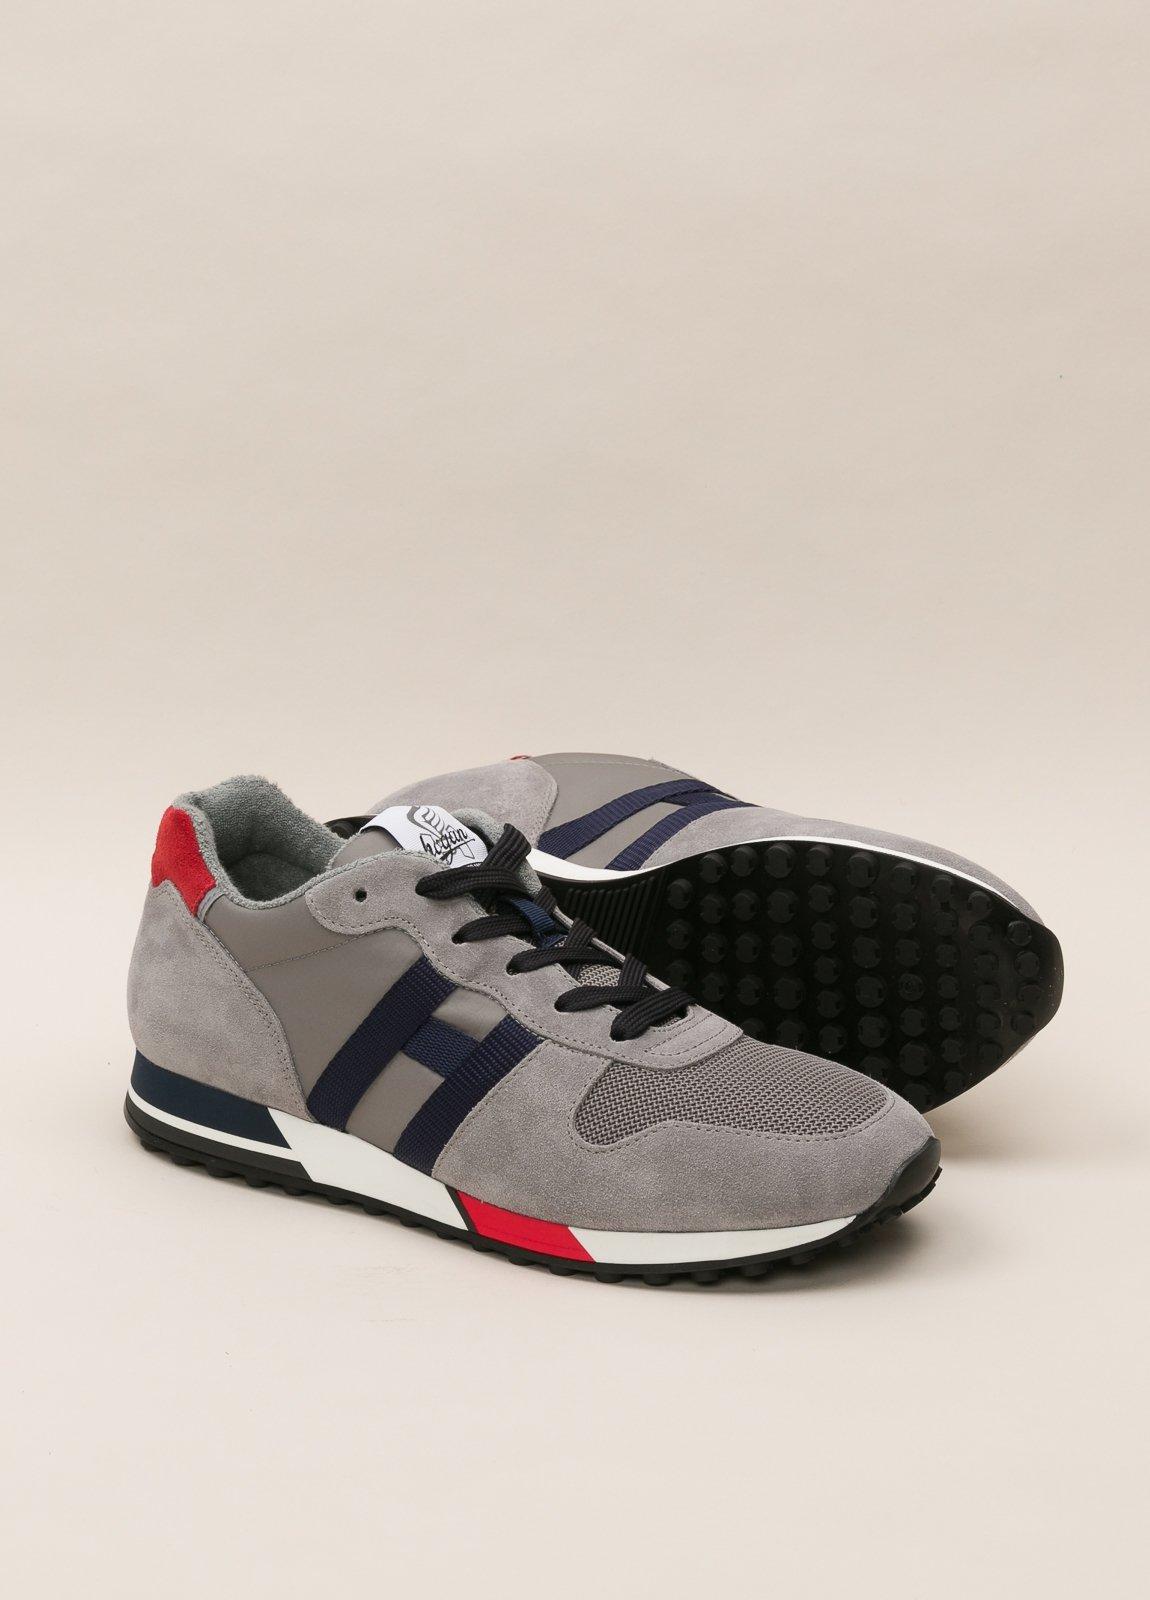 Zapatillas deportivas HOGAN gris y rojo - Ítem4